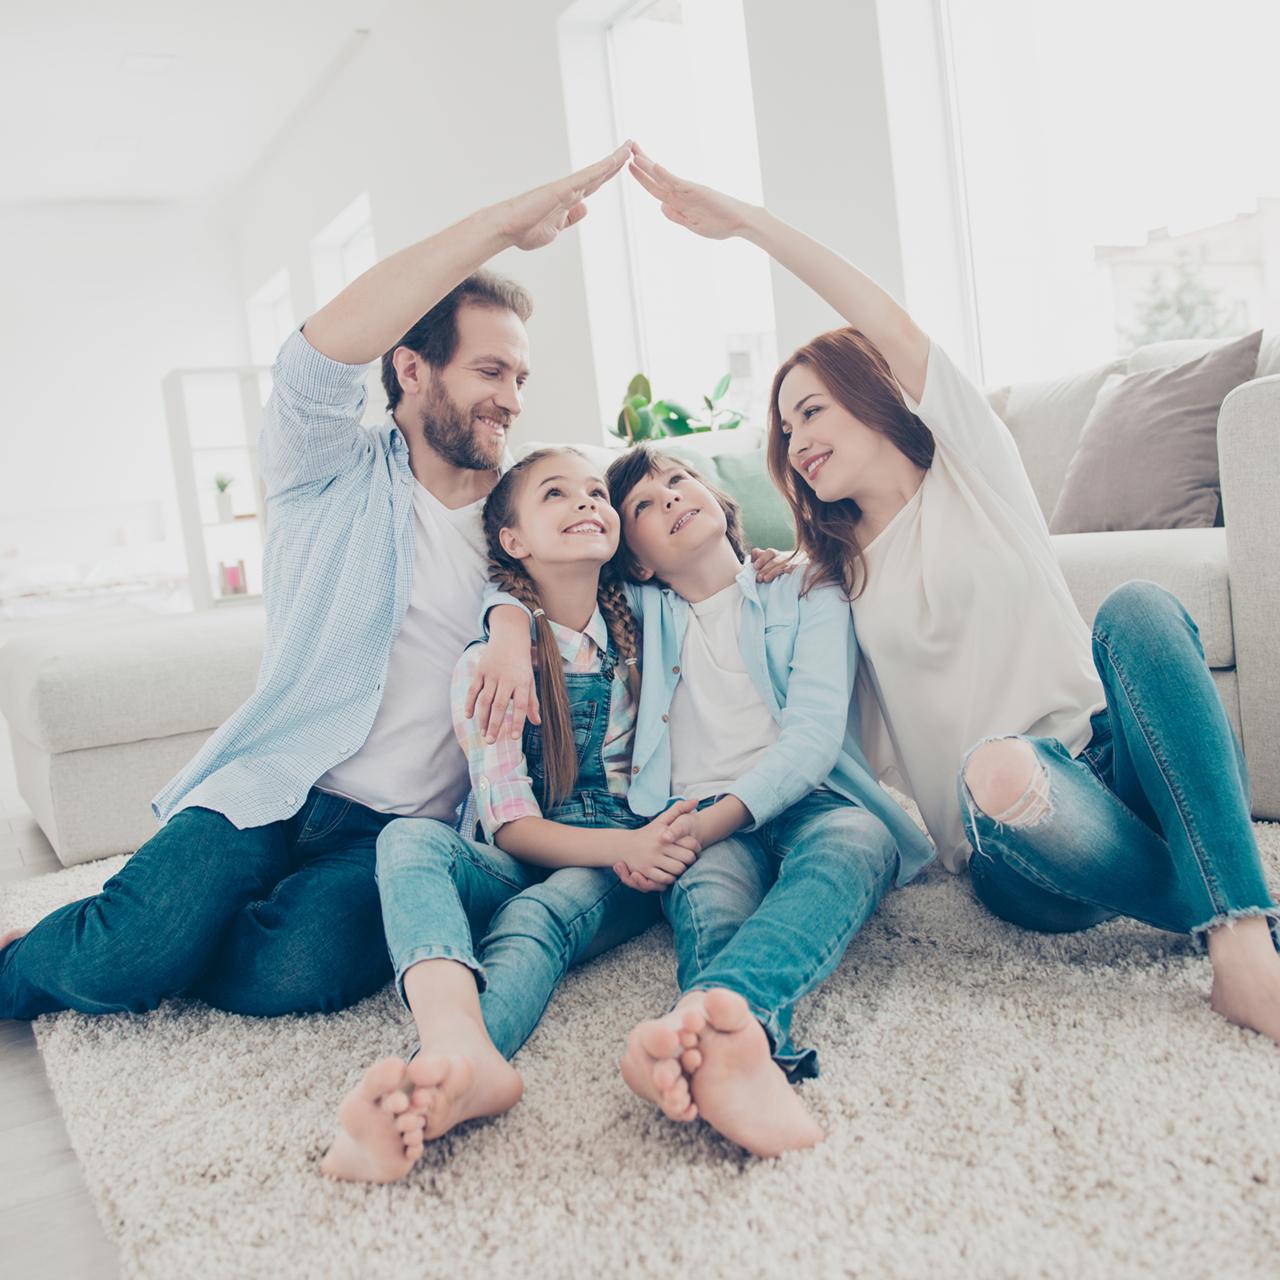 Il nuovo assegno unico per i figli: assegno temporaneo e assegno unico e universale